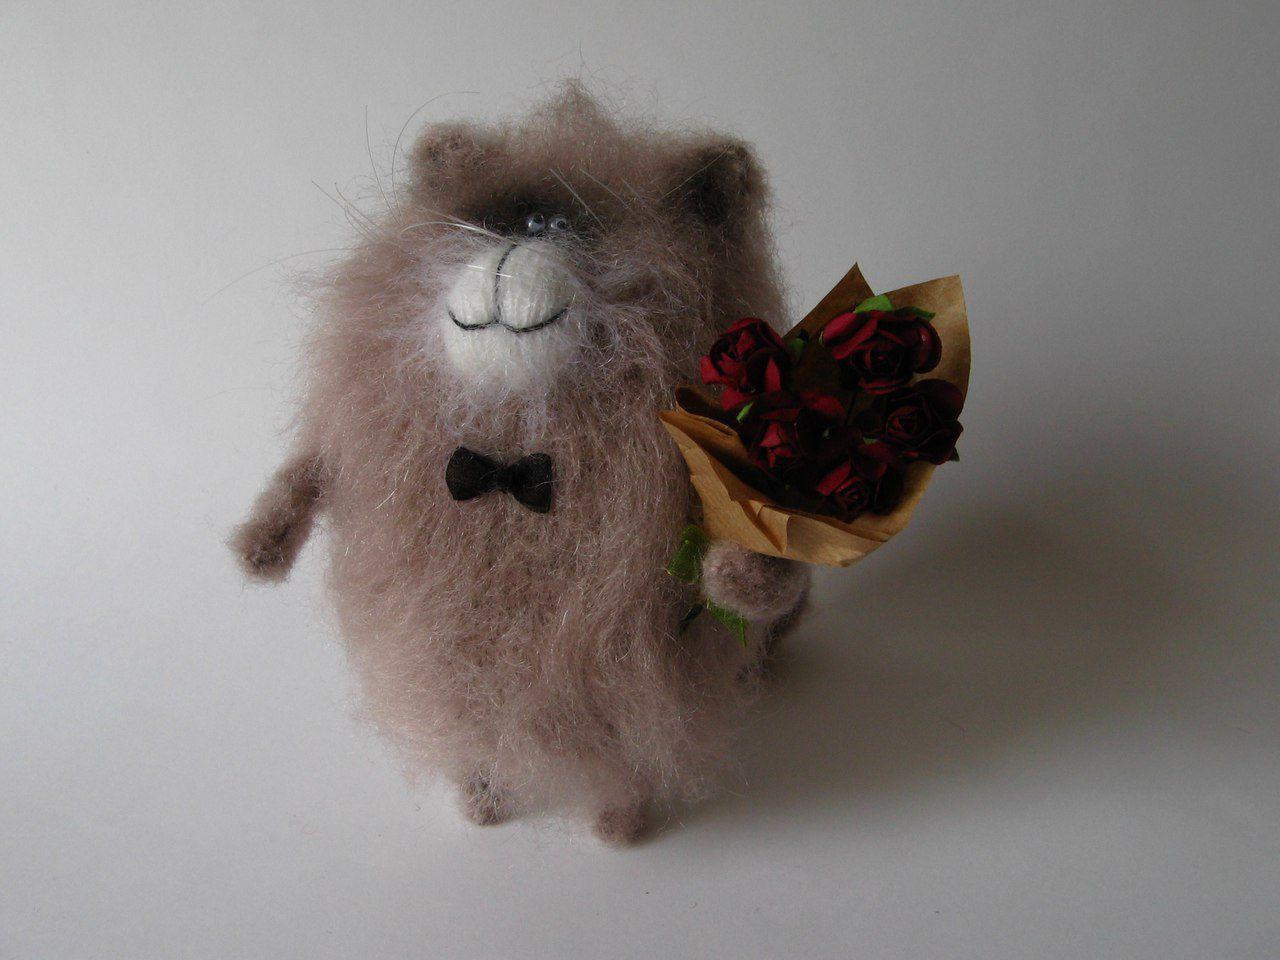 игрушка год вязание декор ручная новый сюрприз интерьер праздник сувенир подарок работа приятный марта кот 8